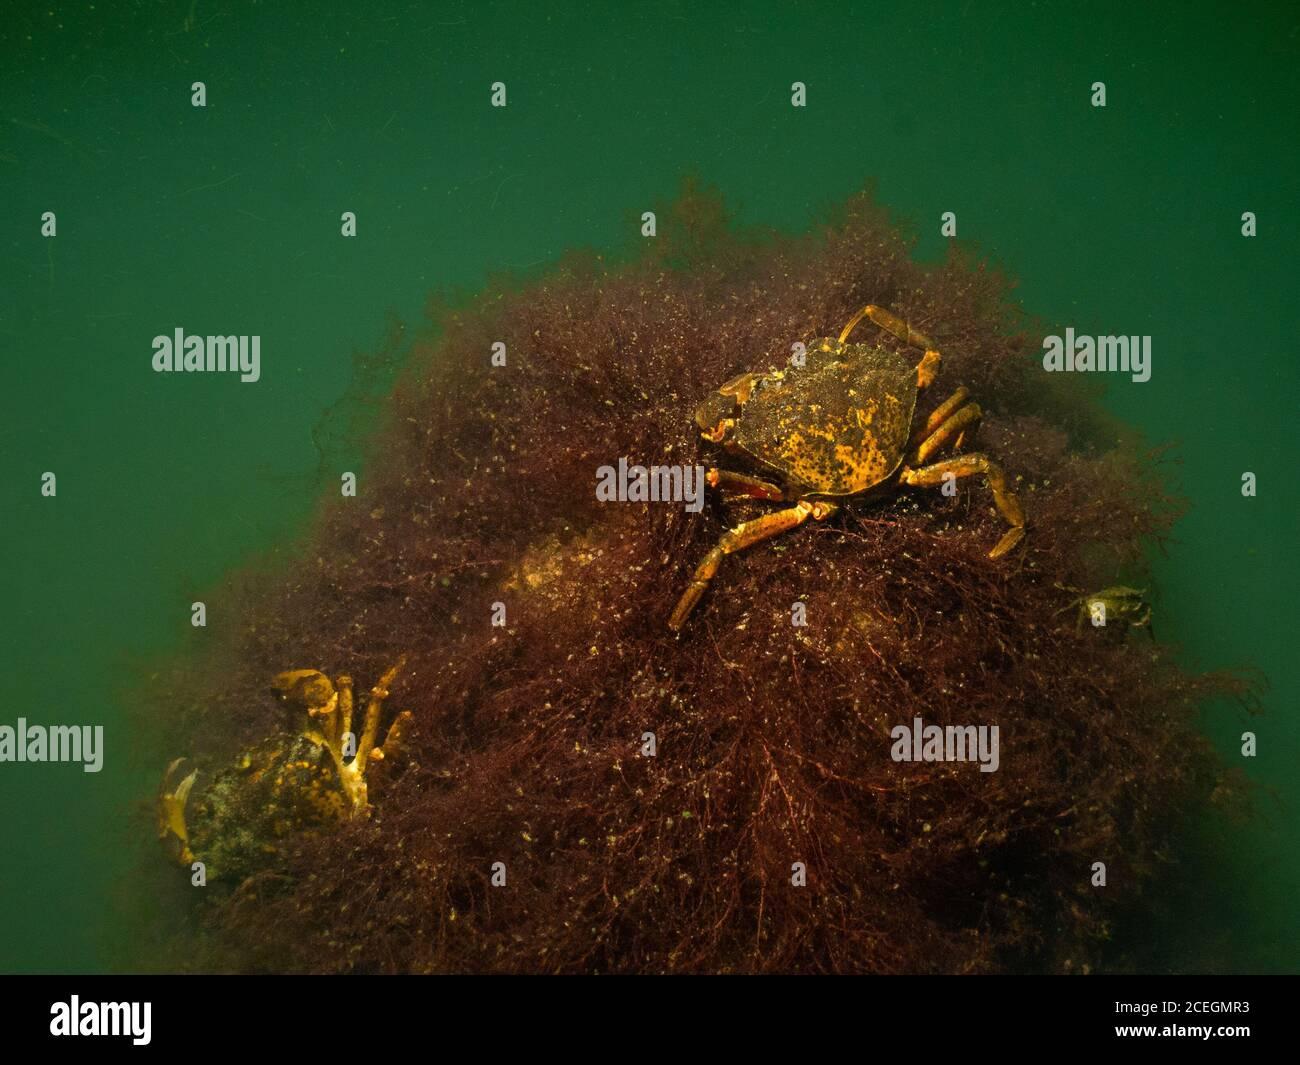 Una imagen bajo el agua de primer plano de dos cangrejos sobre una piedra cubierta de algas marinas. Foto de Oresund, Malmo en el sur de Suecia. Foto de stock